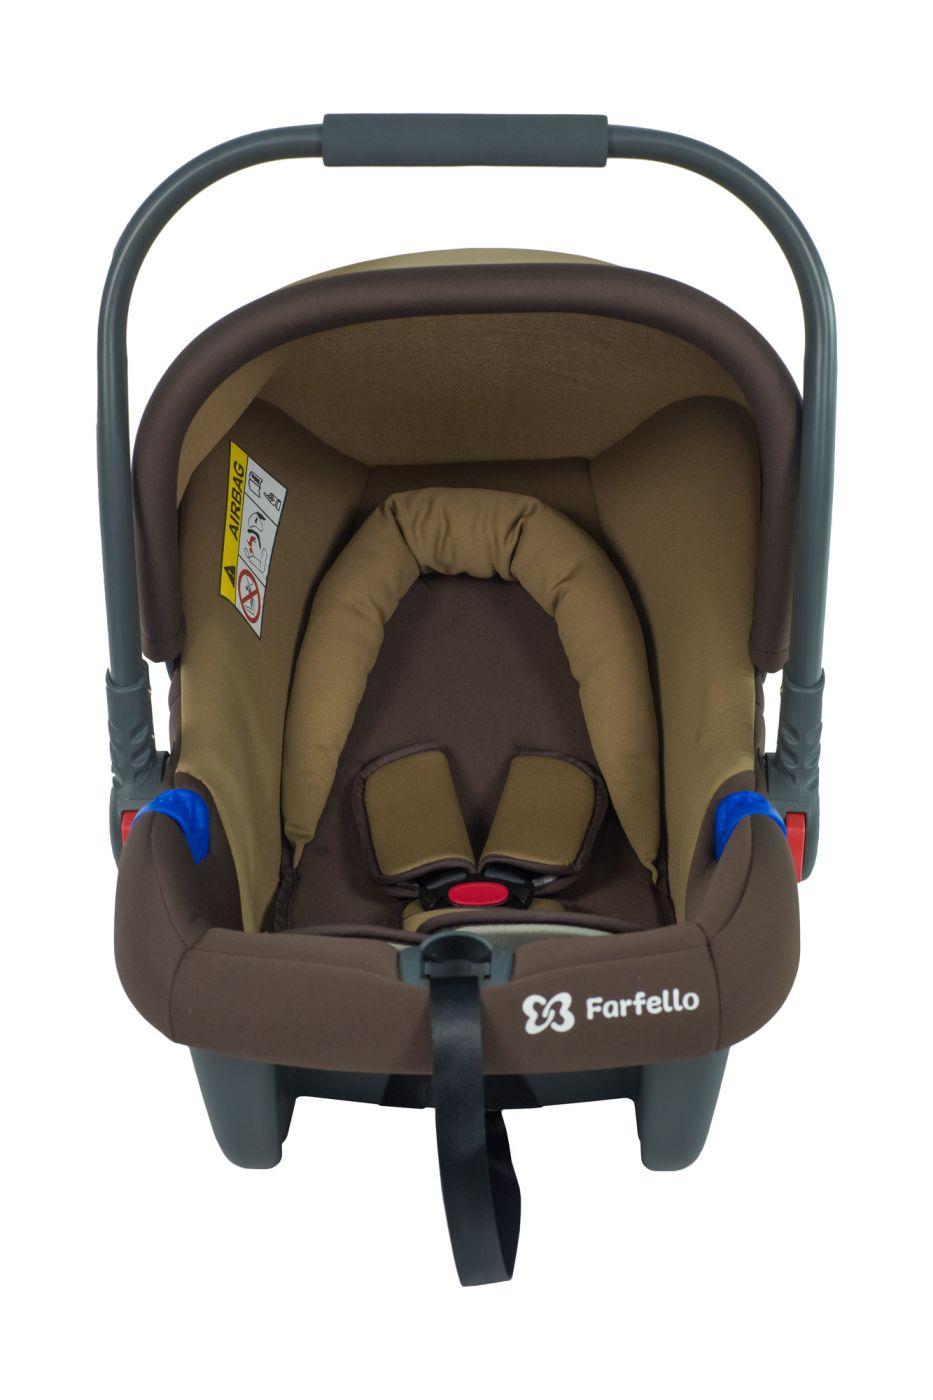 Автокресло детское к коляске Aimile KS-2150/a бежево-коричневый / brown, KS-2150/ab